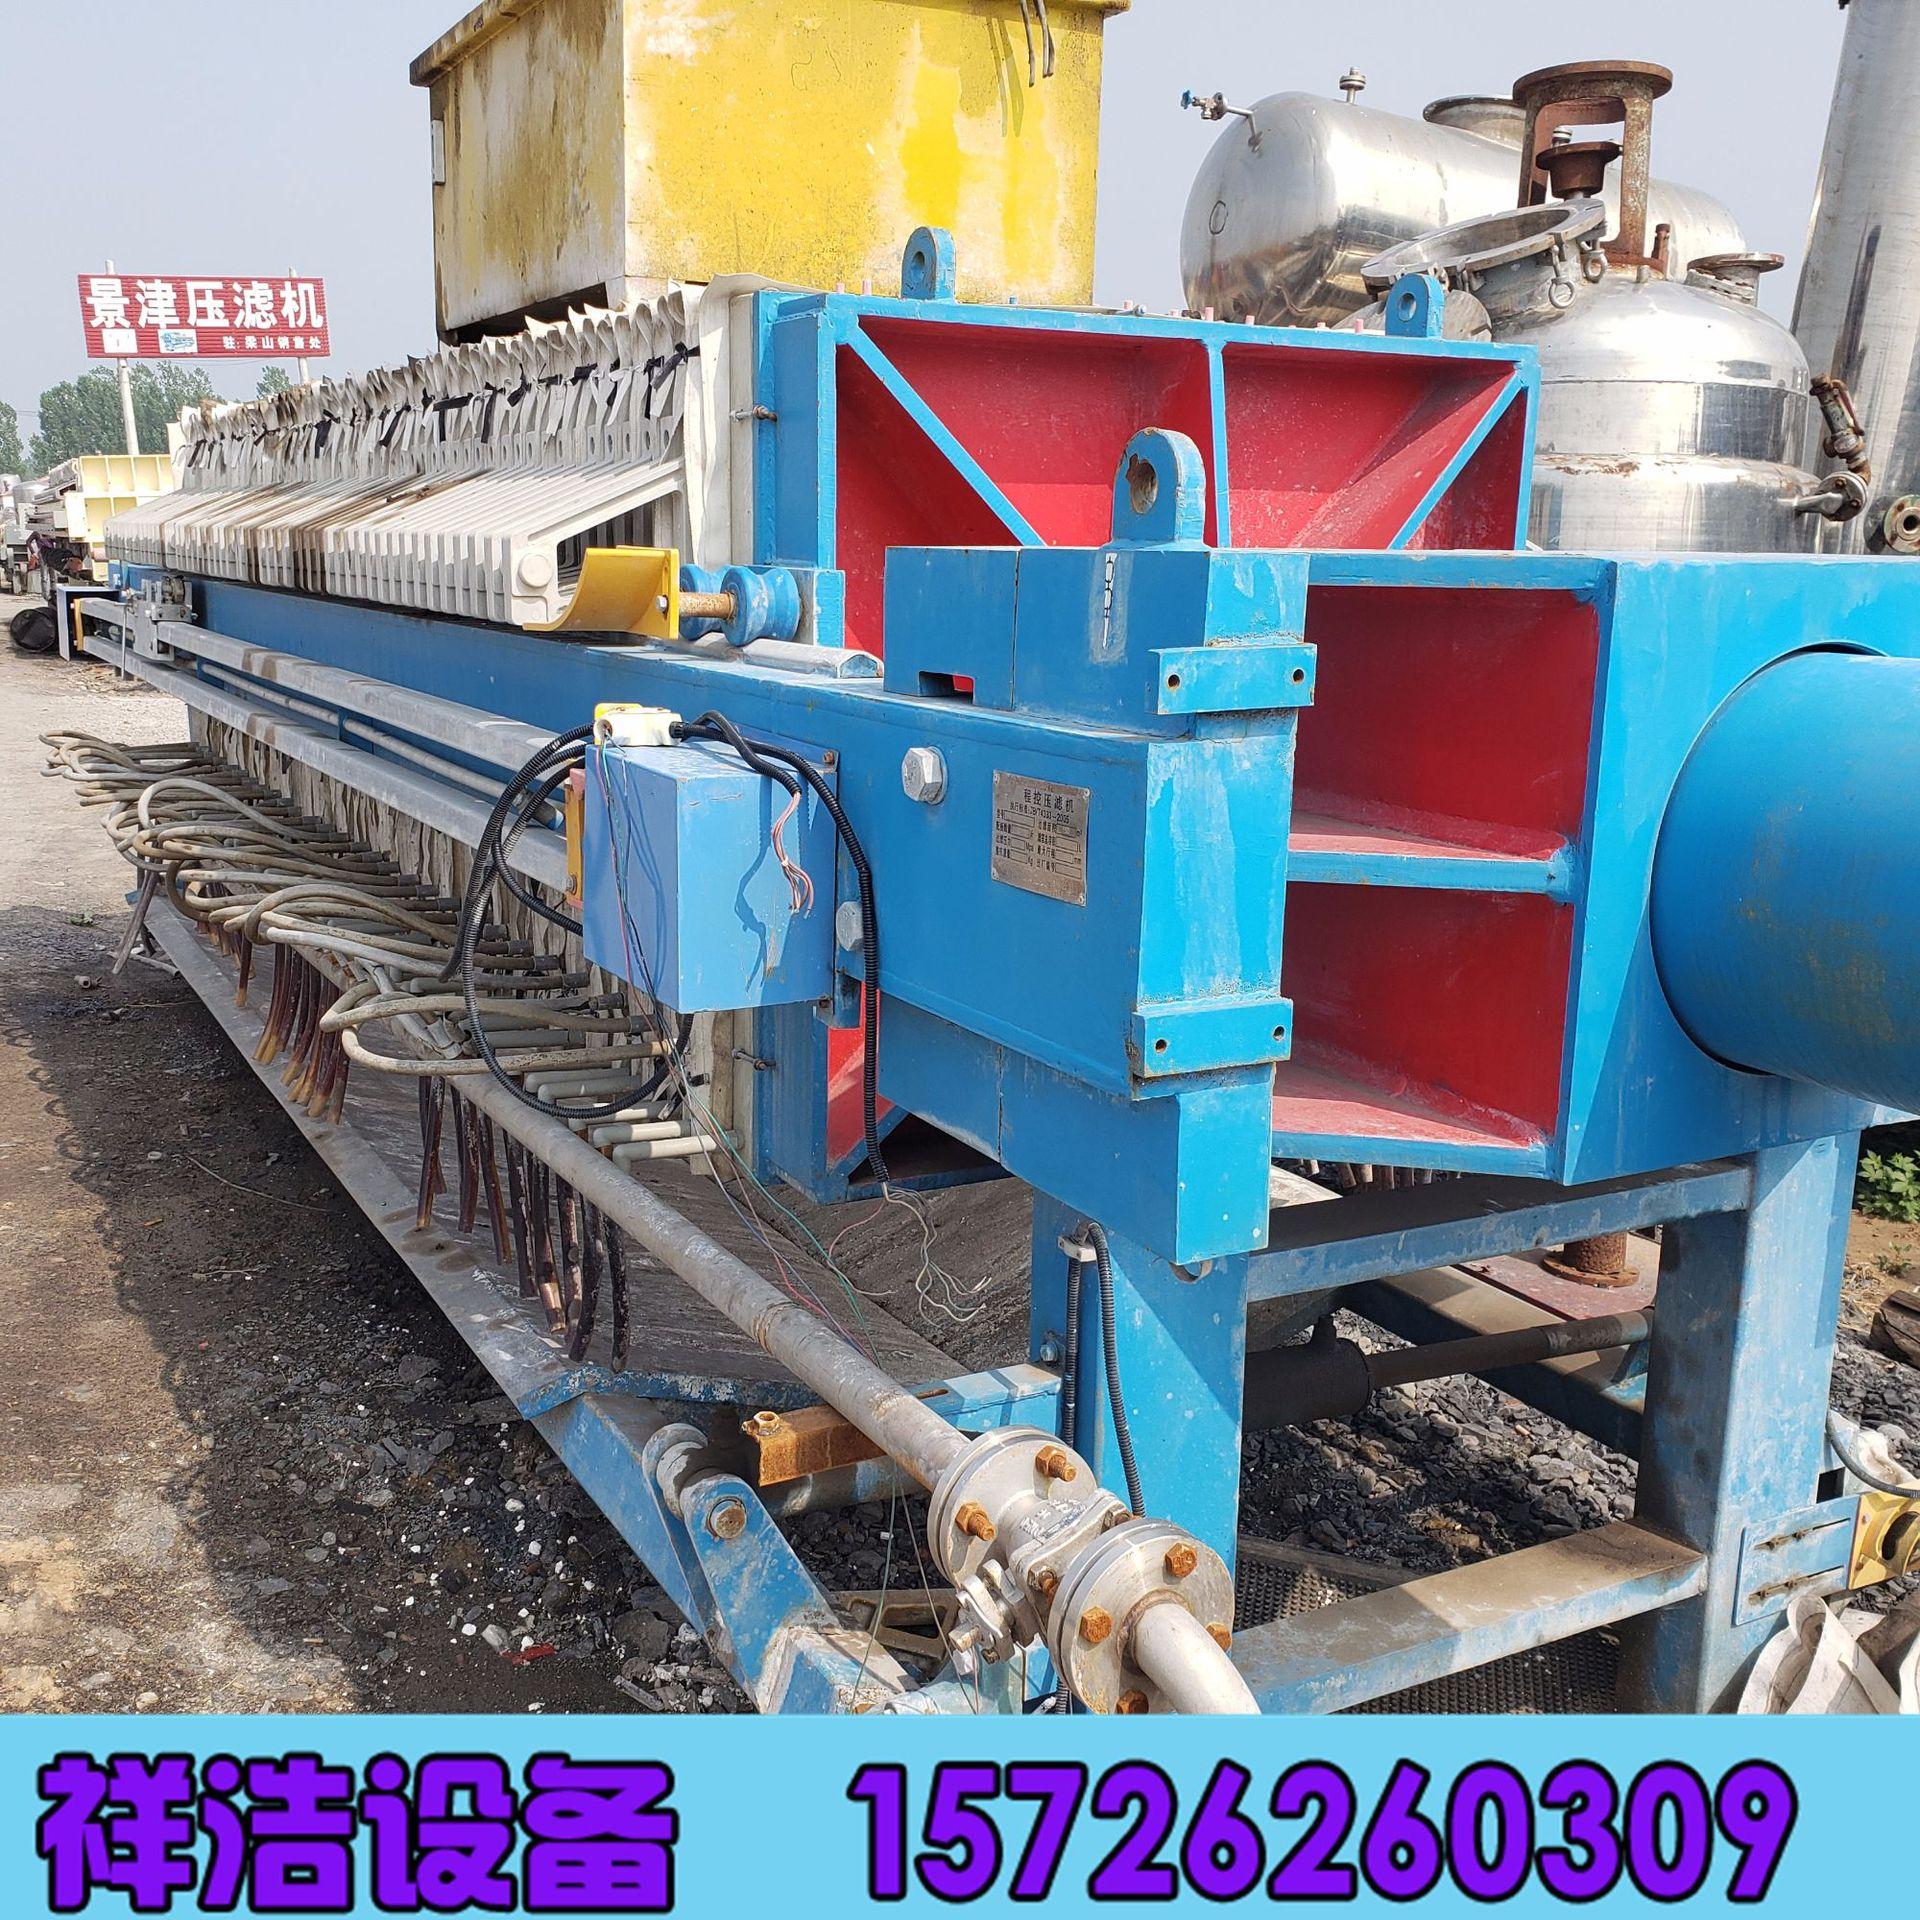 廠家直銷壓濾機 200平方廂式壓濾機 程控隔膜壓濾機 污泥脫水設備示例圖8